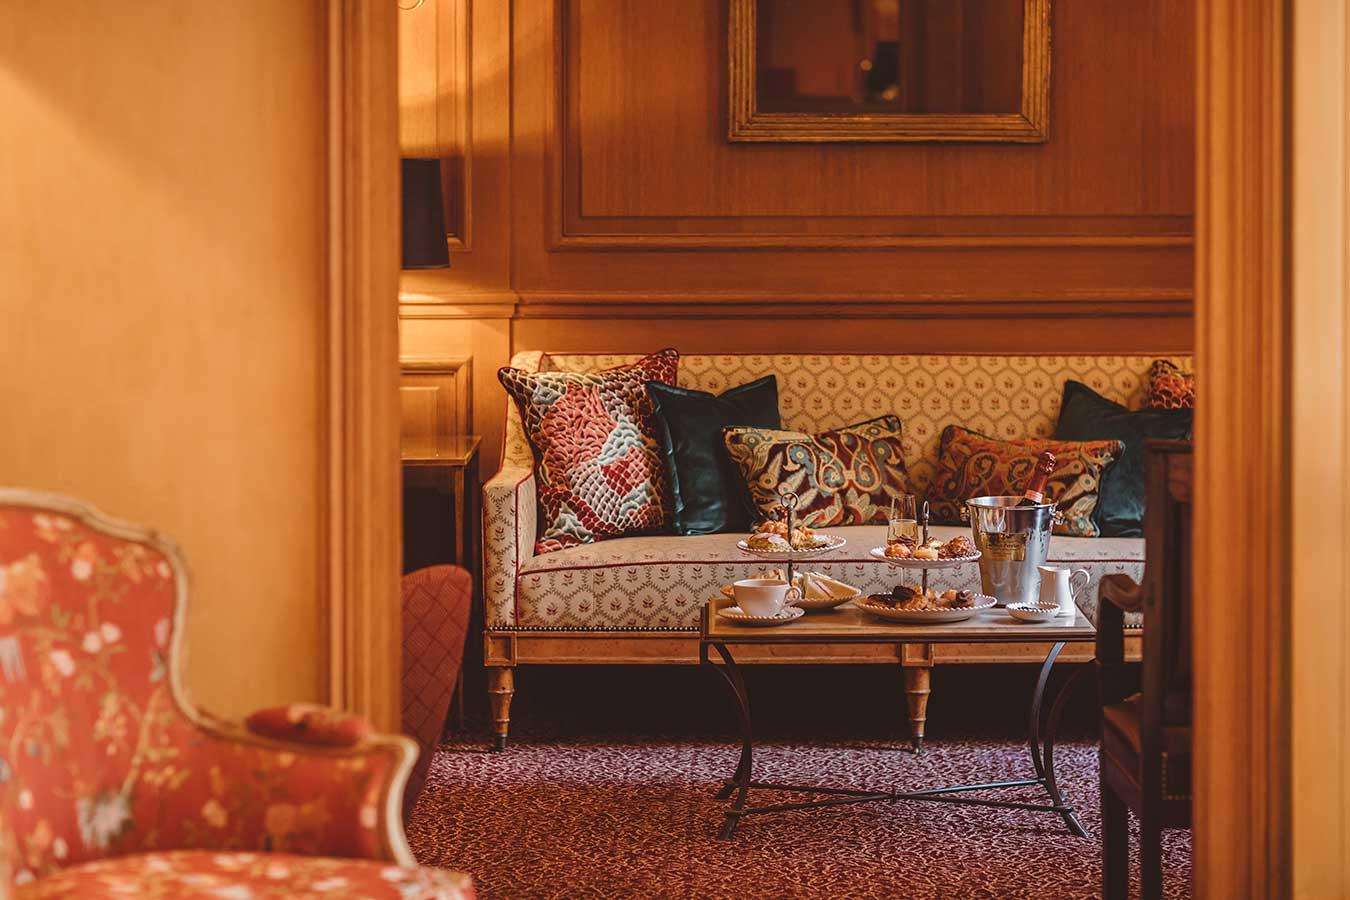 Tea time - Présentoirs à gâteaux sucré et salé, sceau à champagne disposés sur une table basse en marbre, canapés et coussins dans une harmonie de bleu, rouge et rose